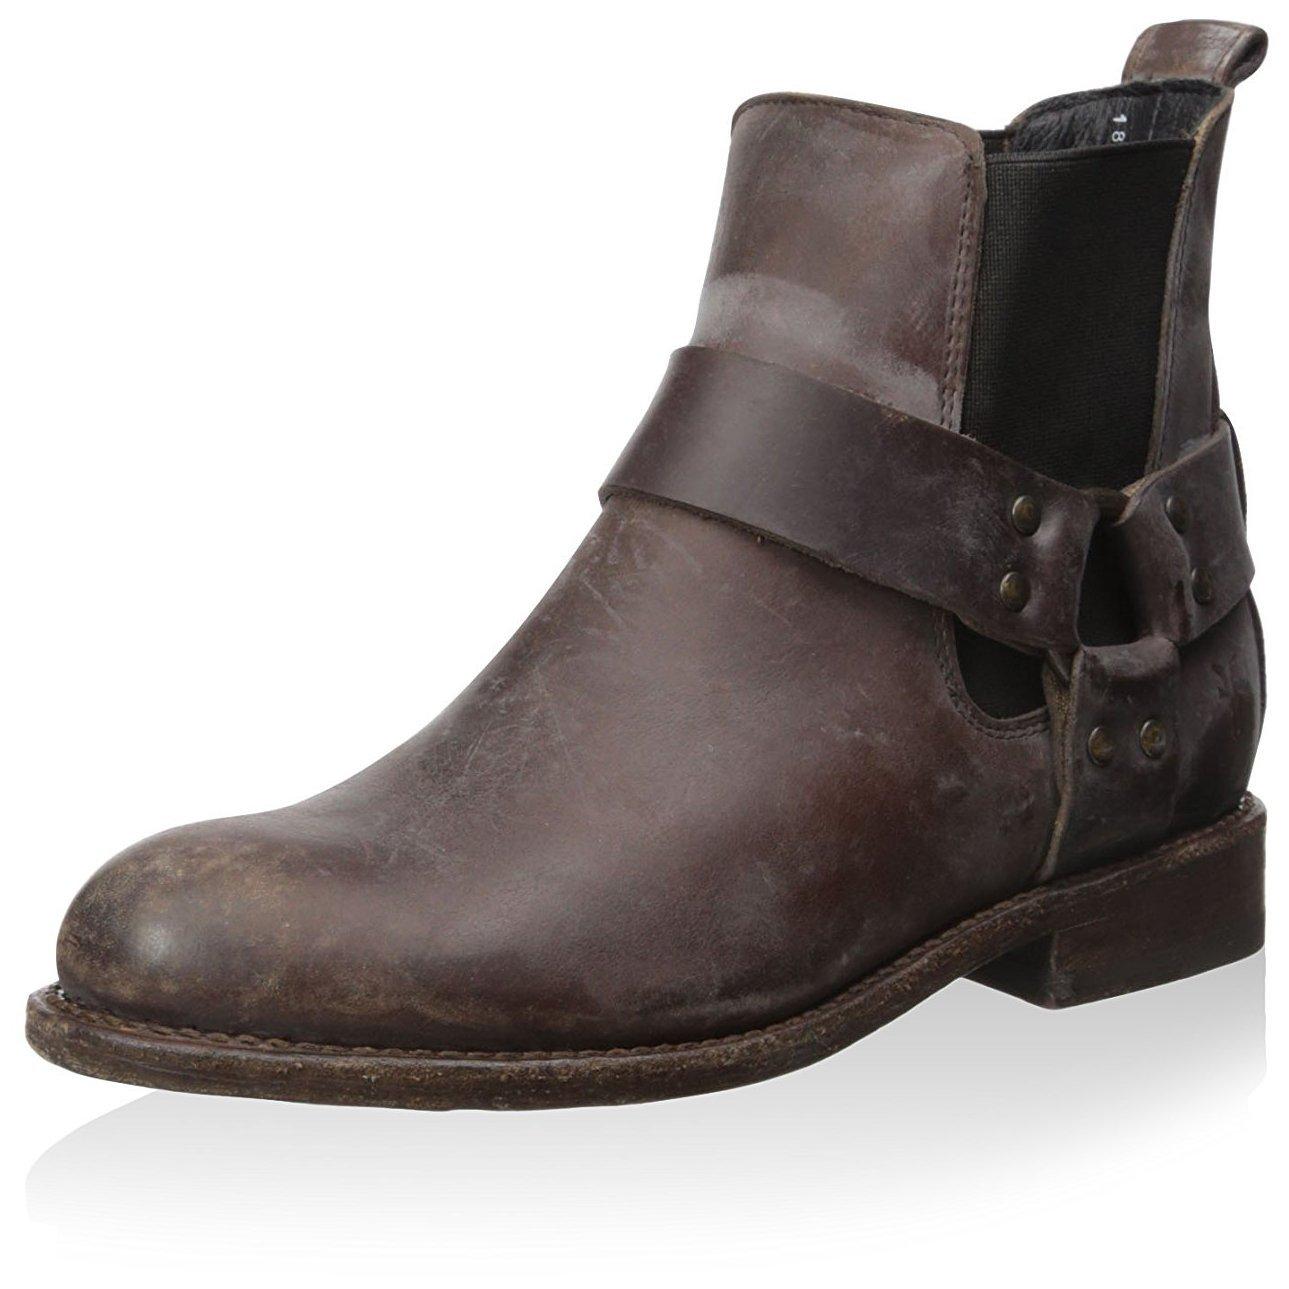 FRYE Women's Jayden Harness Ankle Boot, Espresso, 6 M US